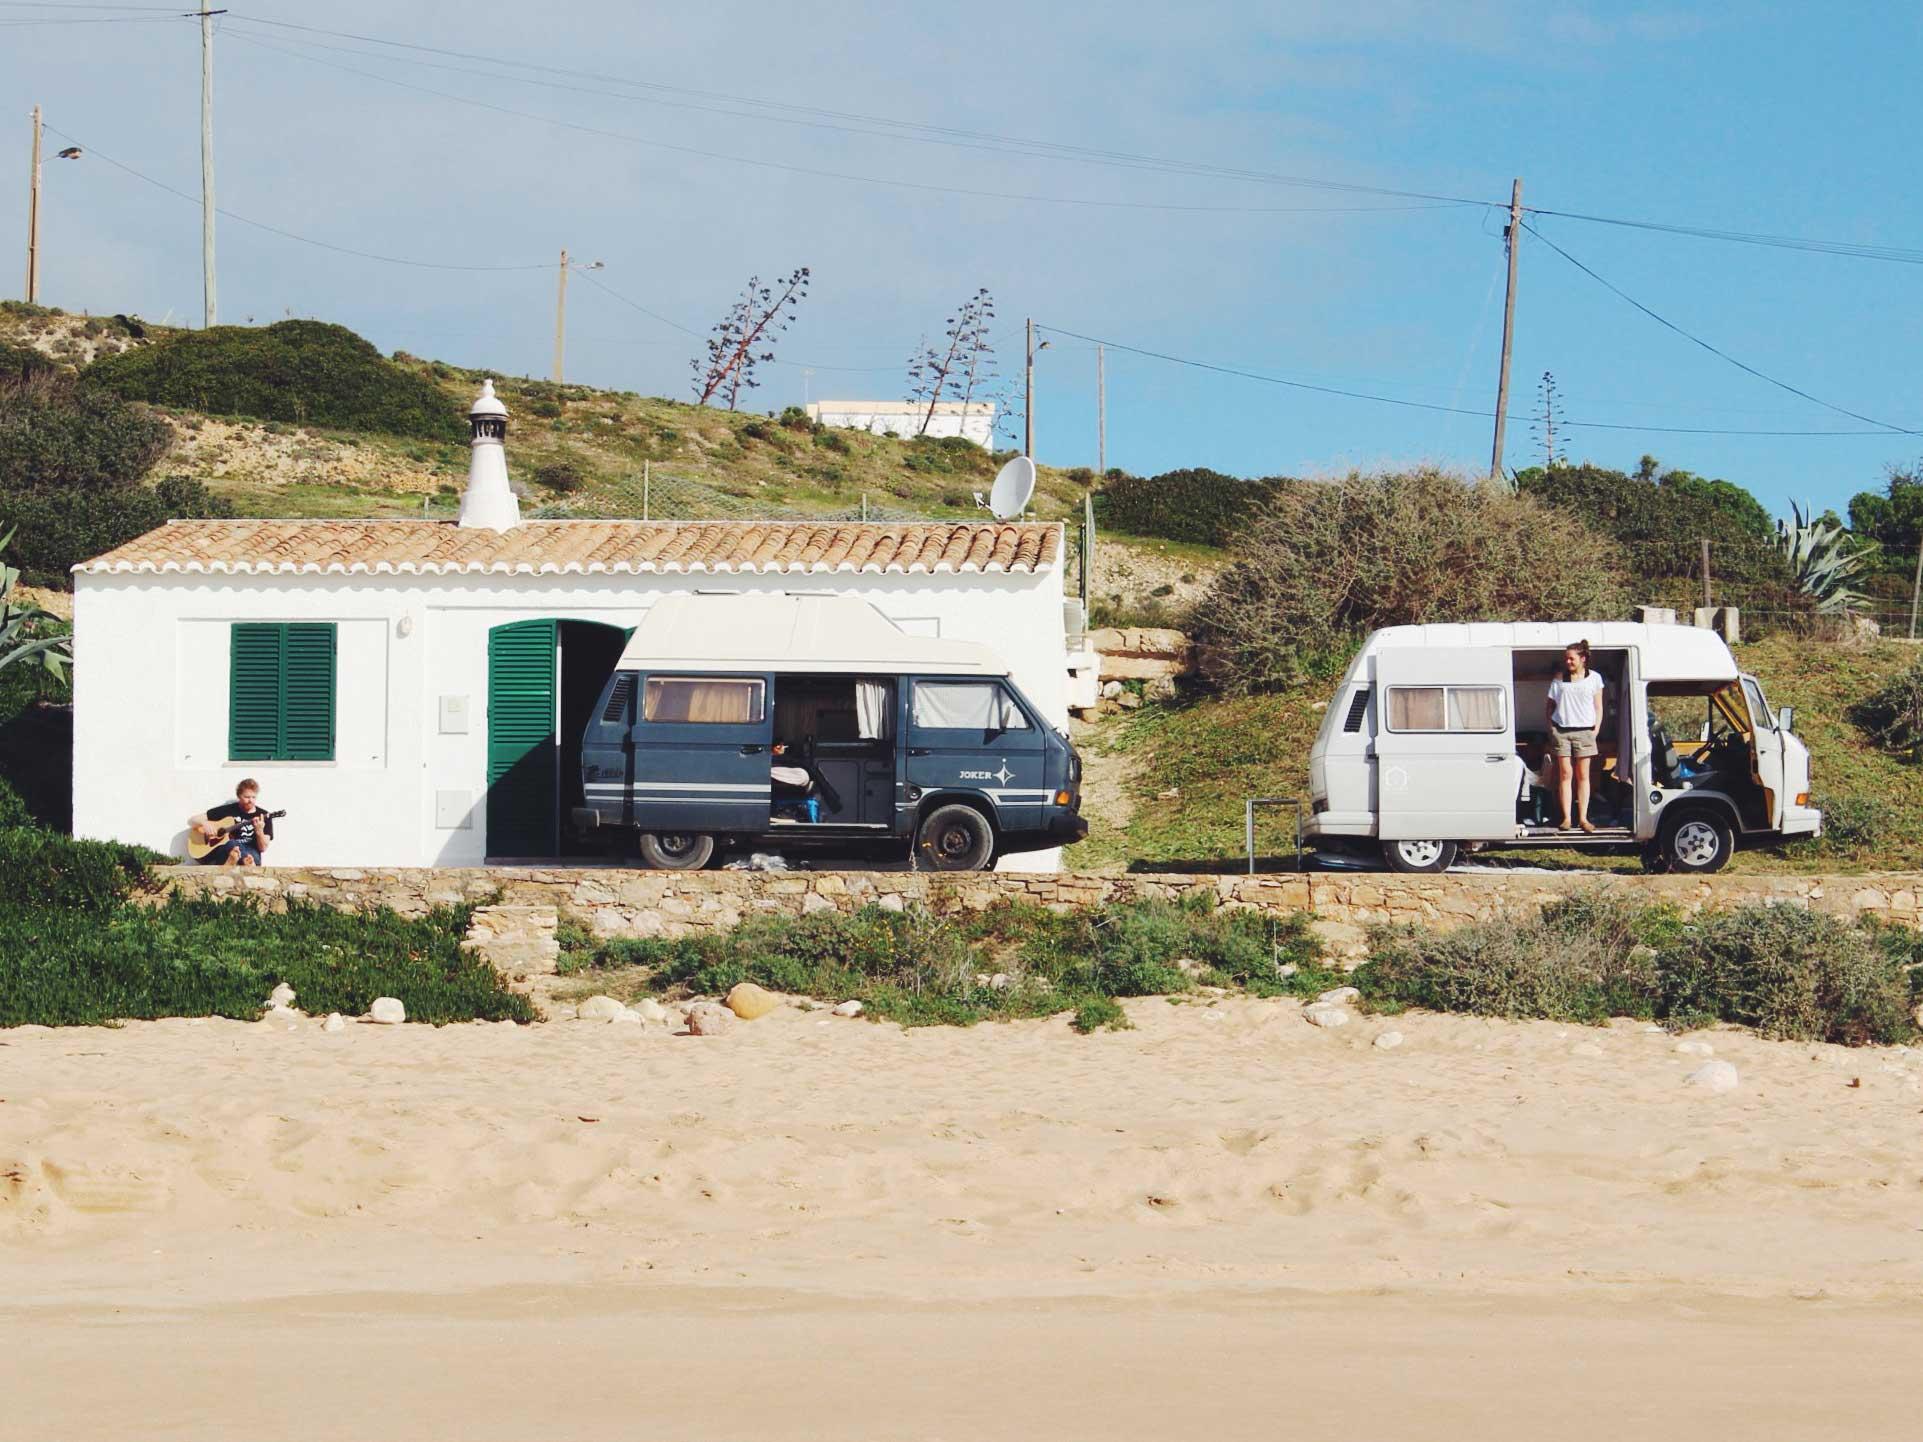 Eine Roadtrip-Wagenburg erregt in Portugal weniger die Gemüter, als in vielen anderen Ländern.